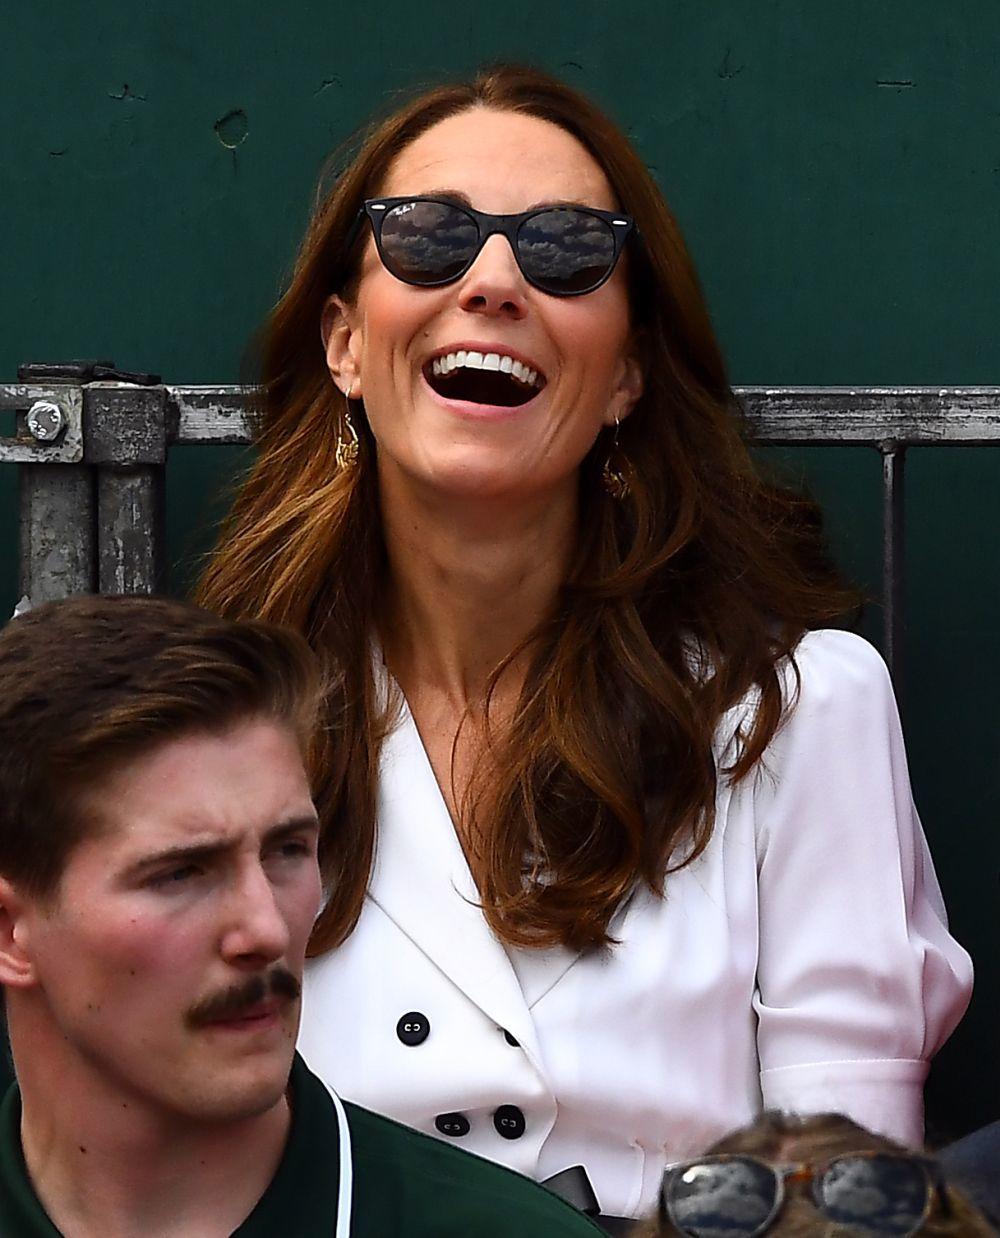 La Duquesa de Cambridge con gafas de sol en Wimbledon.